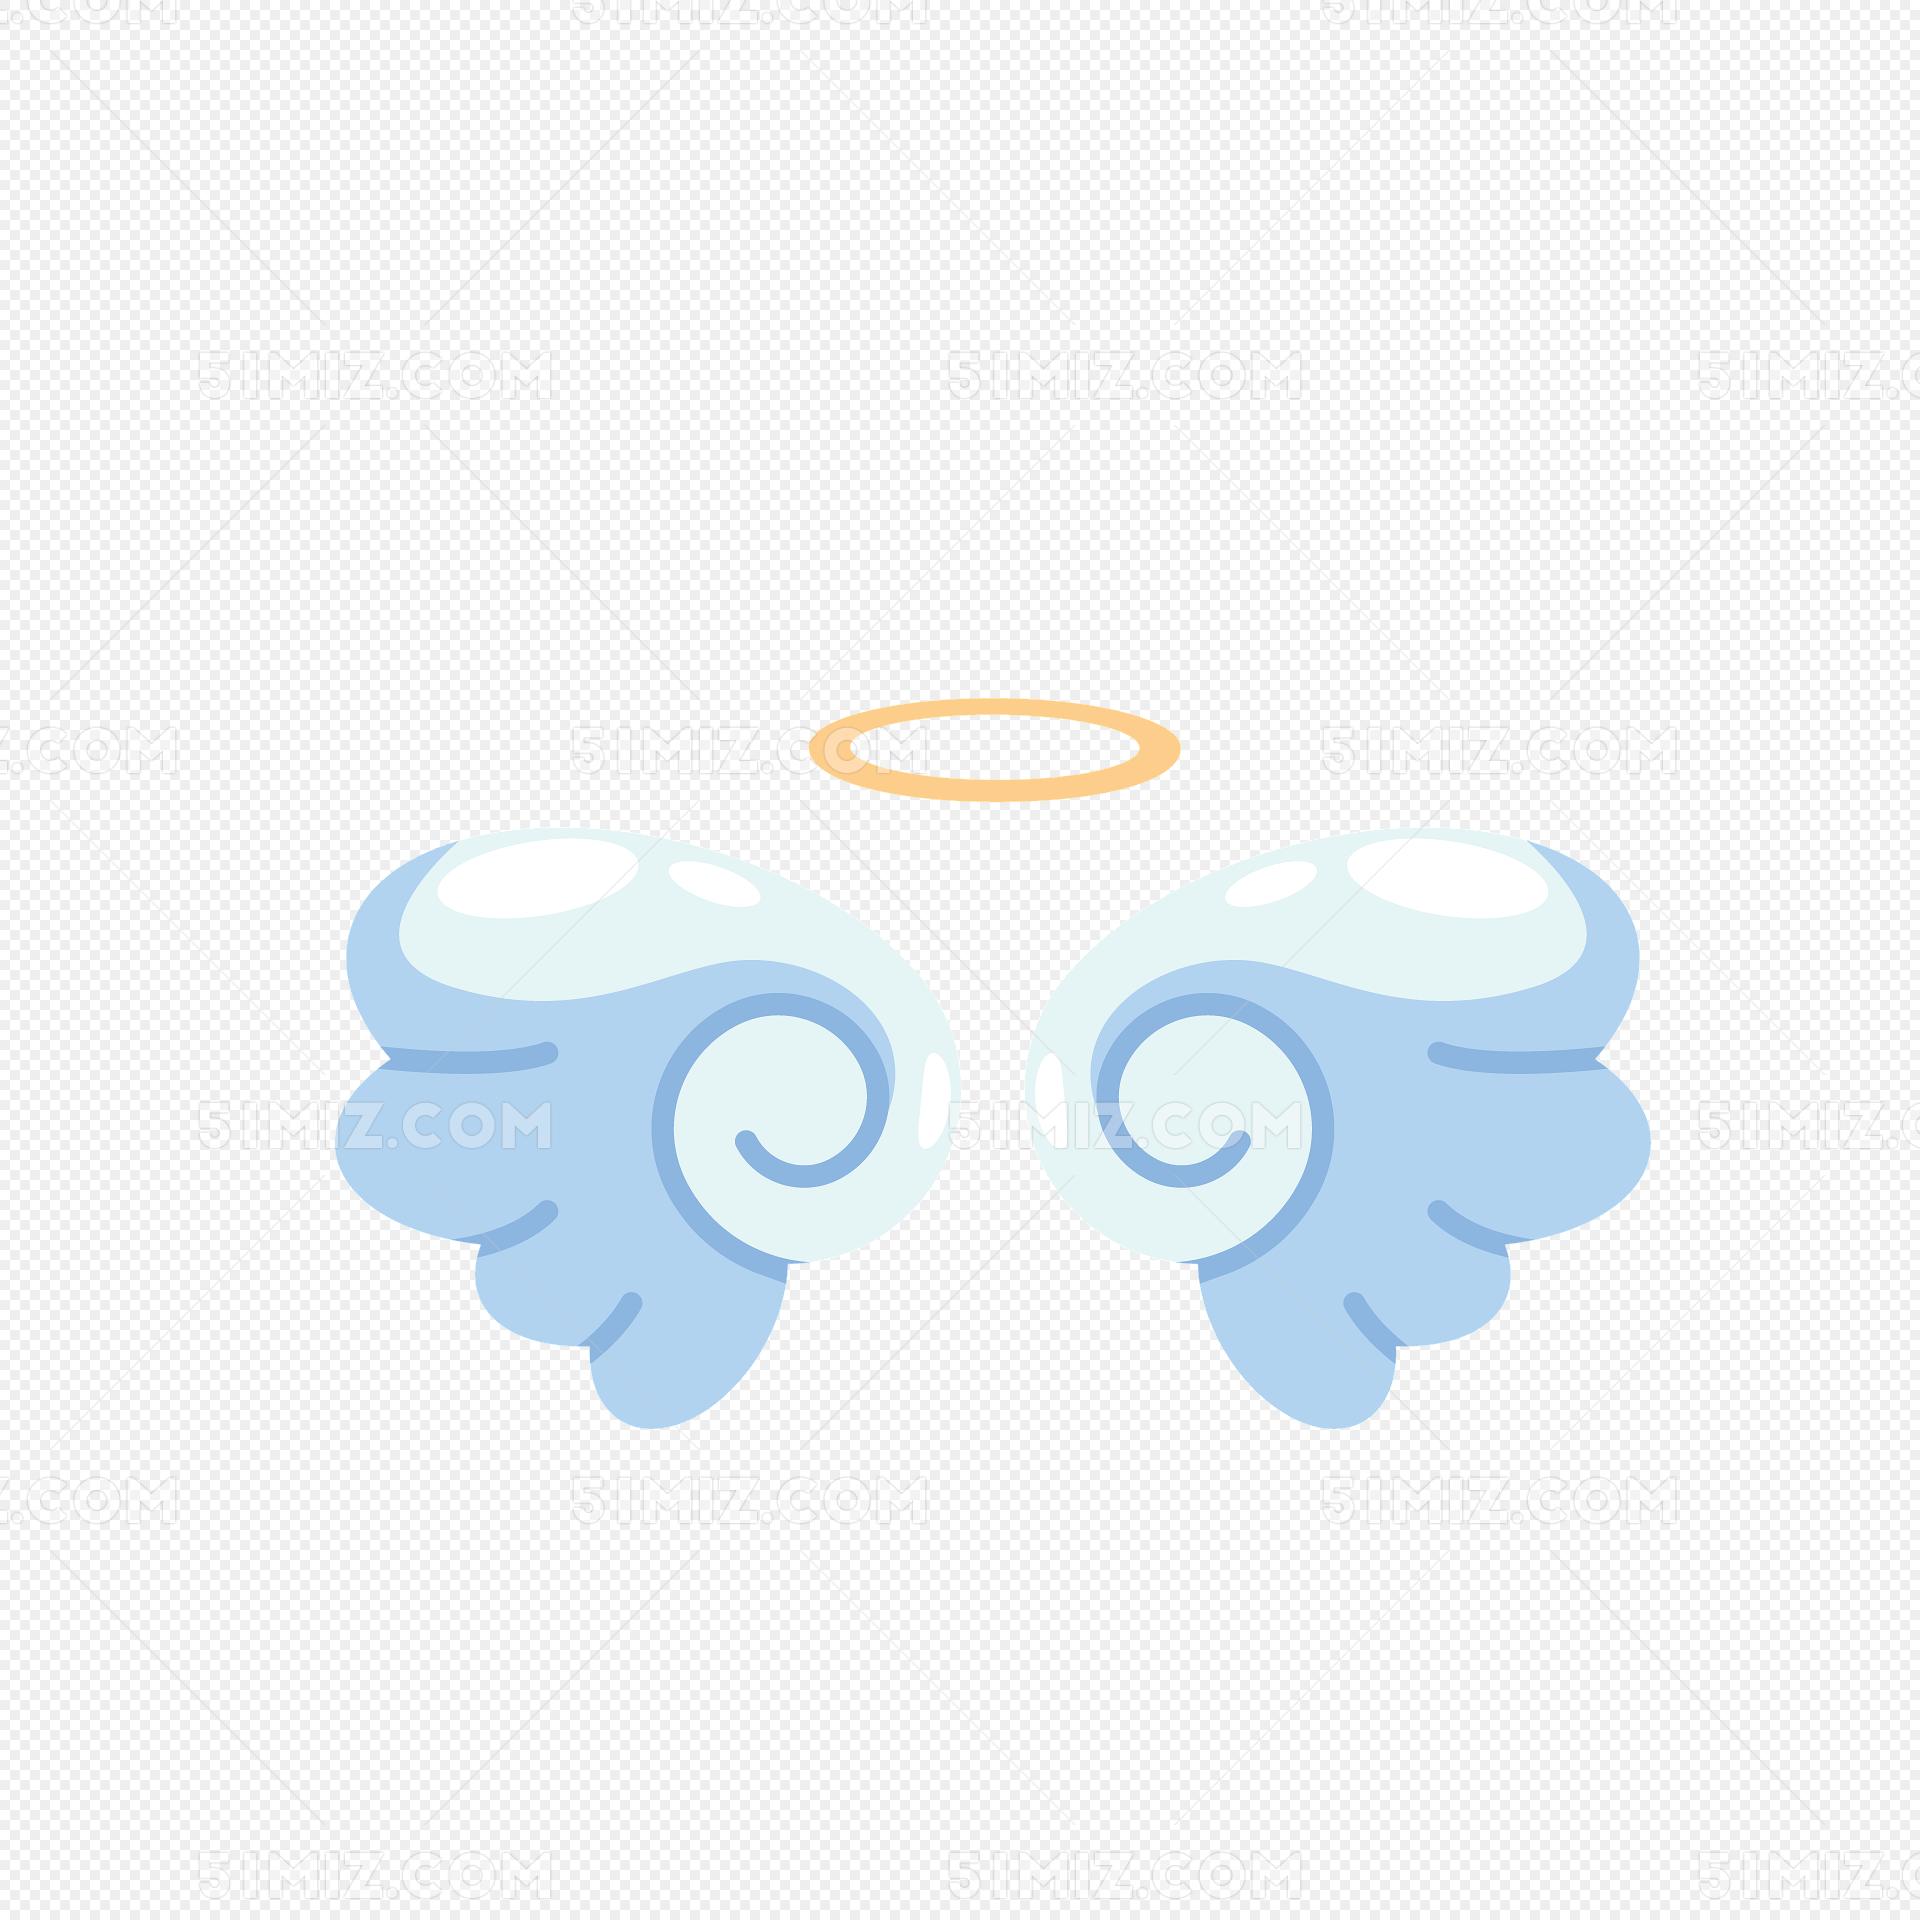 白色可爱天使翅膀图片素材免费下载_觅知网